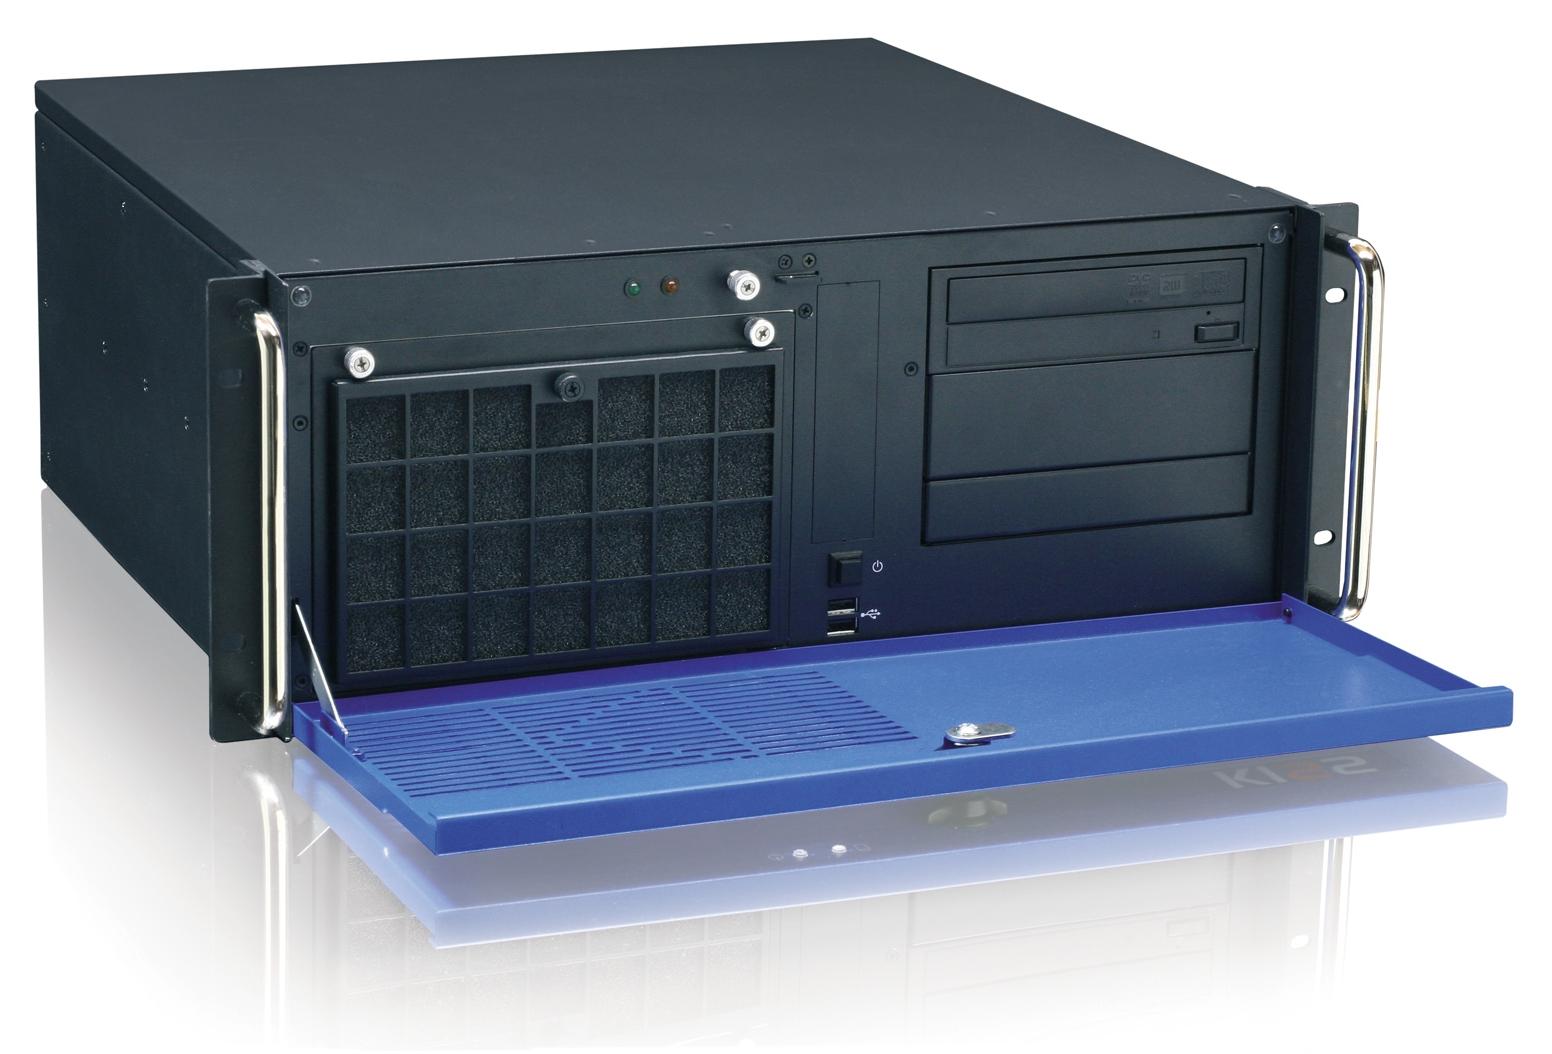 бесшумный промышленный сервер KISS 4U Short Q67Flex